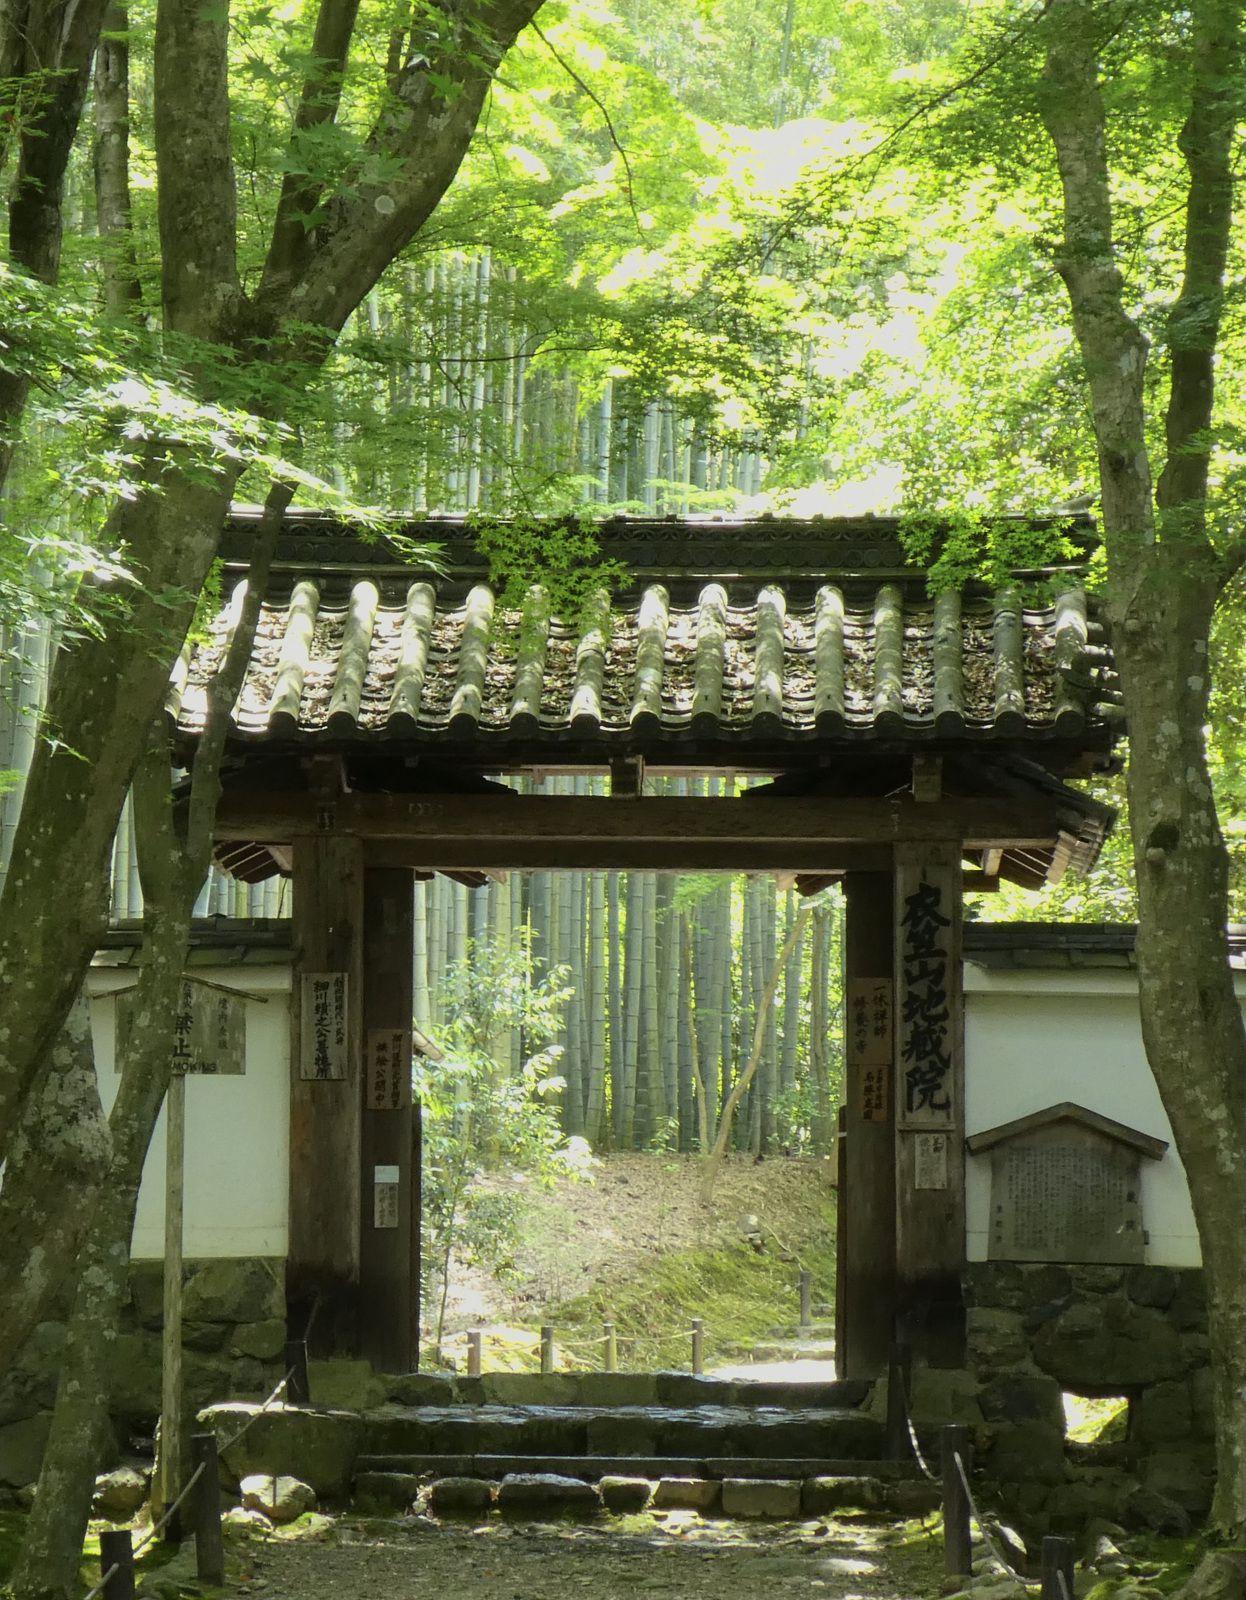 Kyoto: Le temple Jizô-in 地蔵院 avec ses bambous et ses mousses